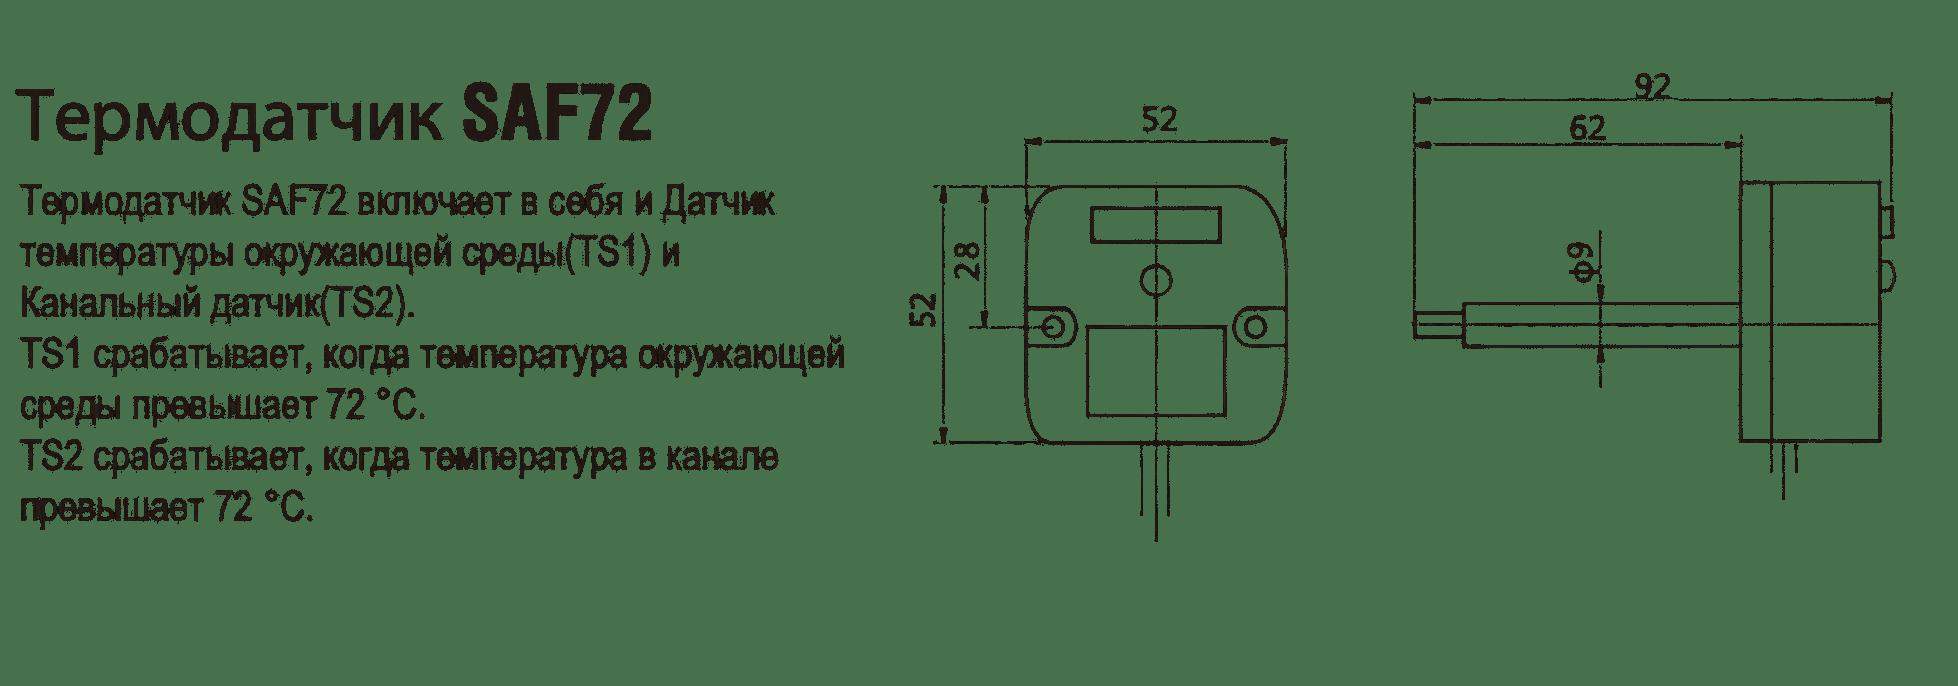 hoocon термодатчик SAF72